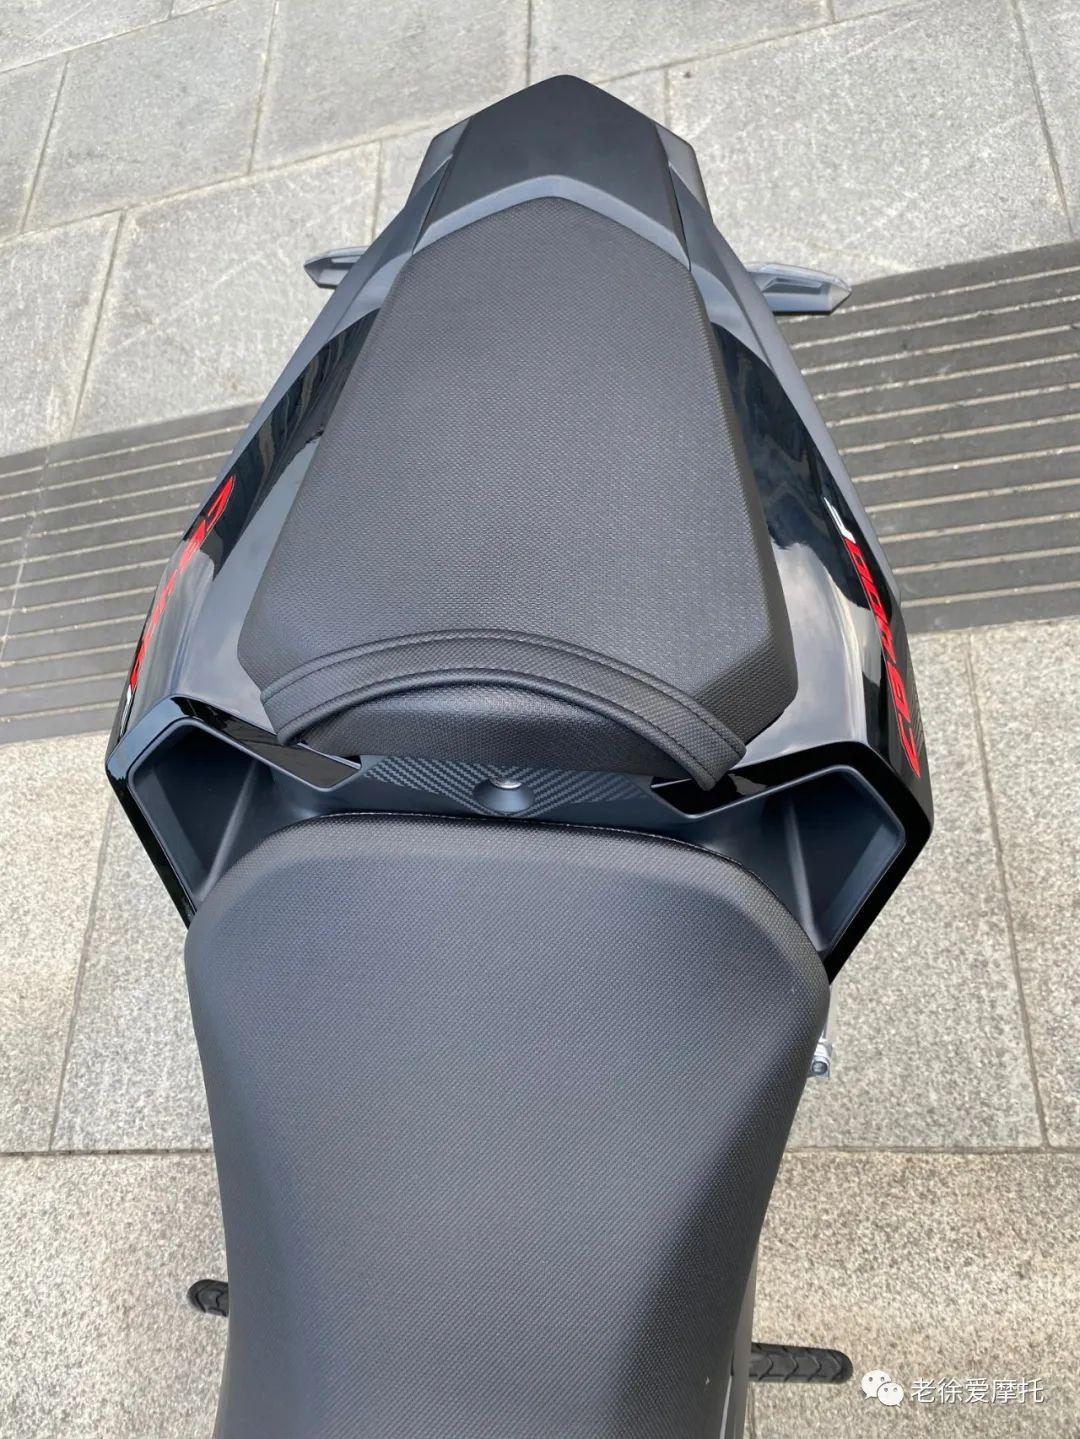 本田中排车型 - CB400F 入门级街车 实车介绍!-第42张图片-春风行摩托车之家